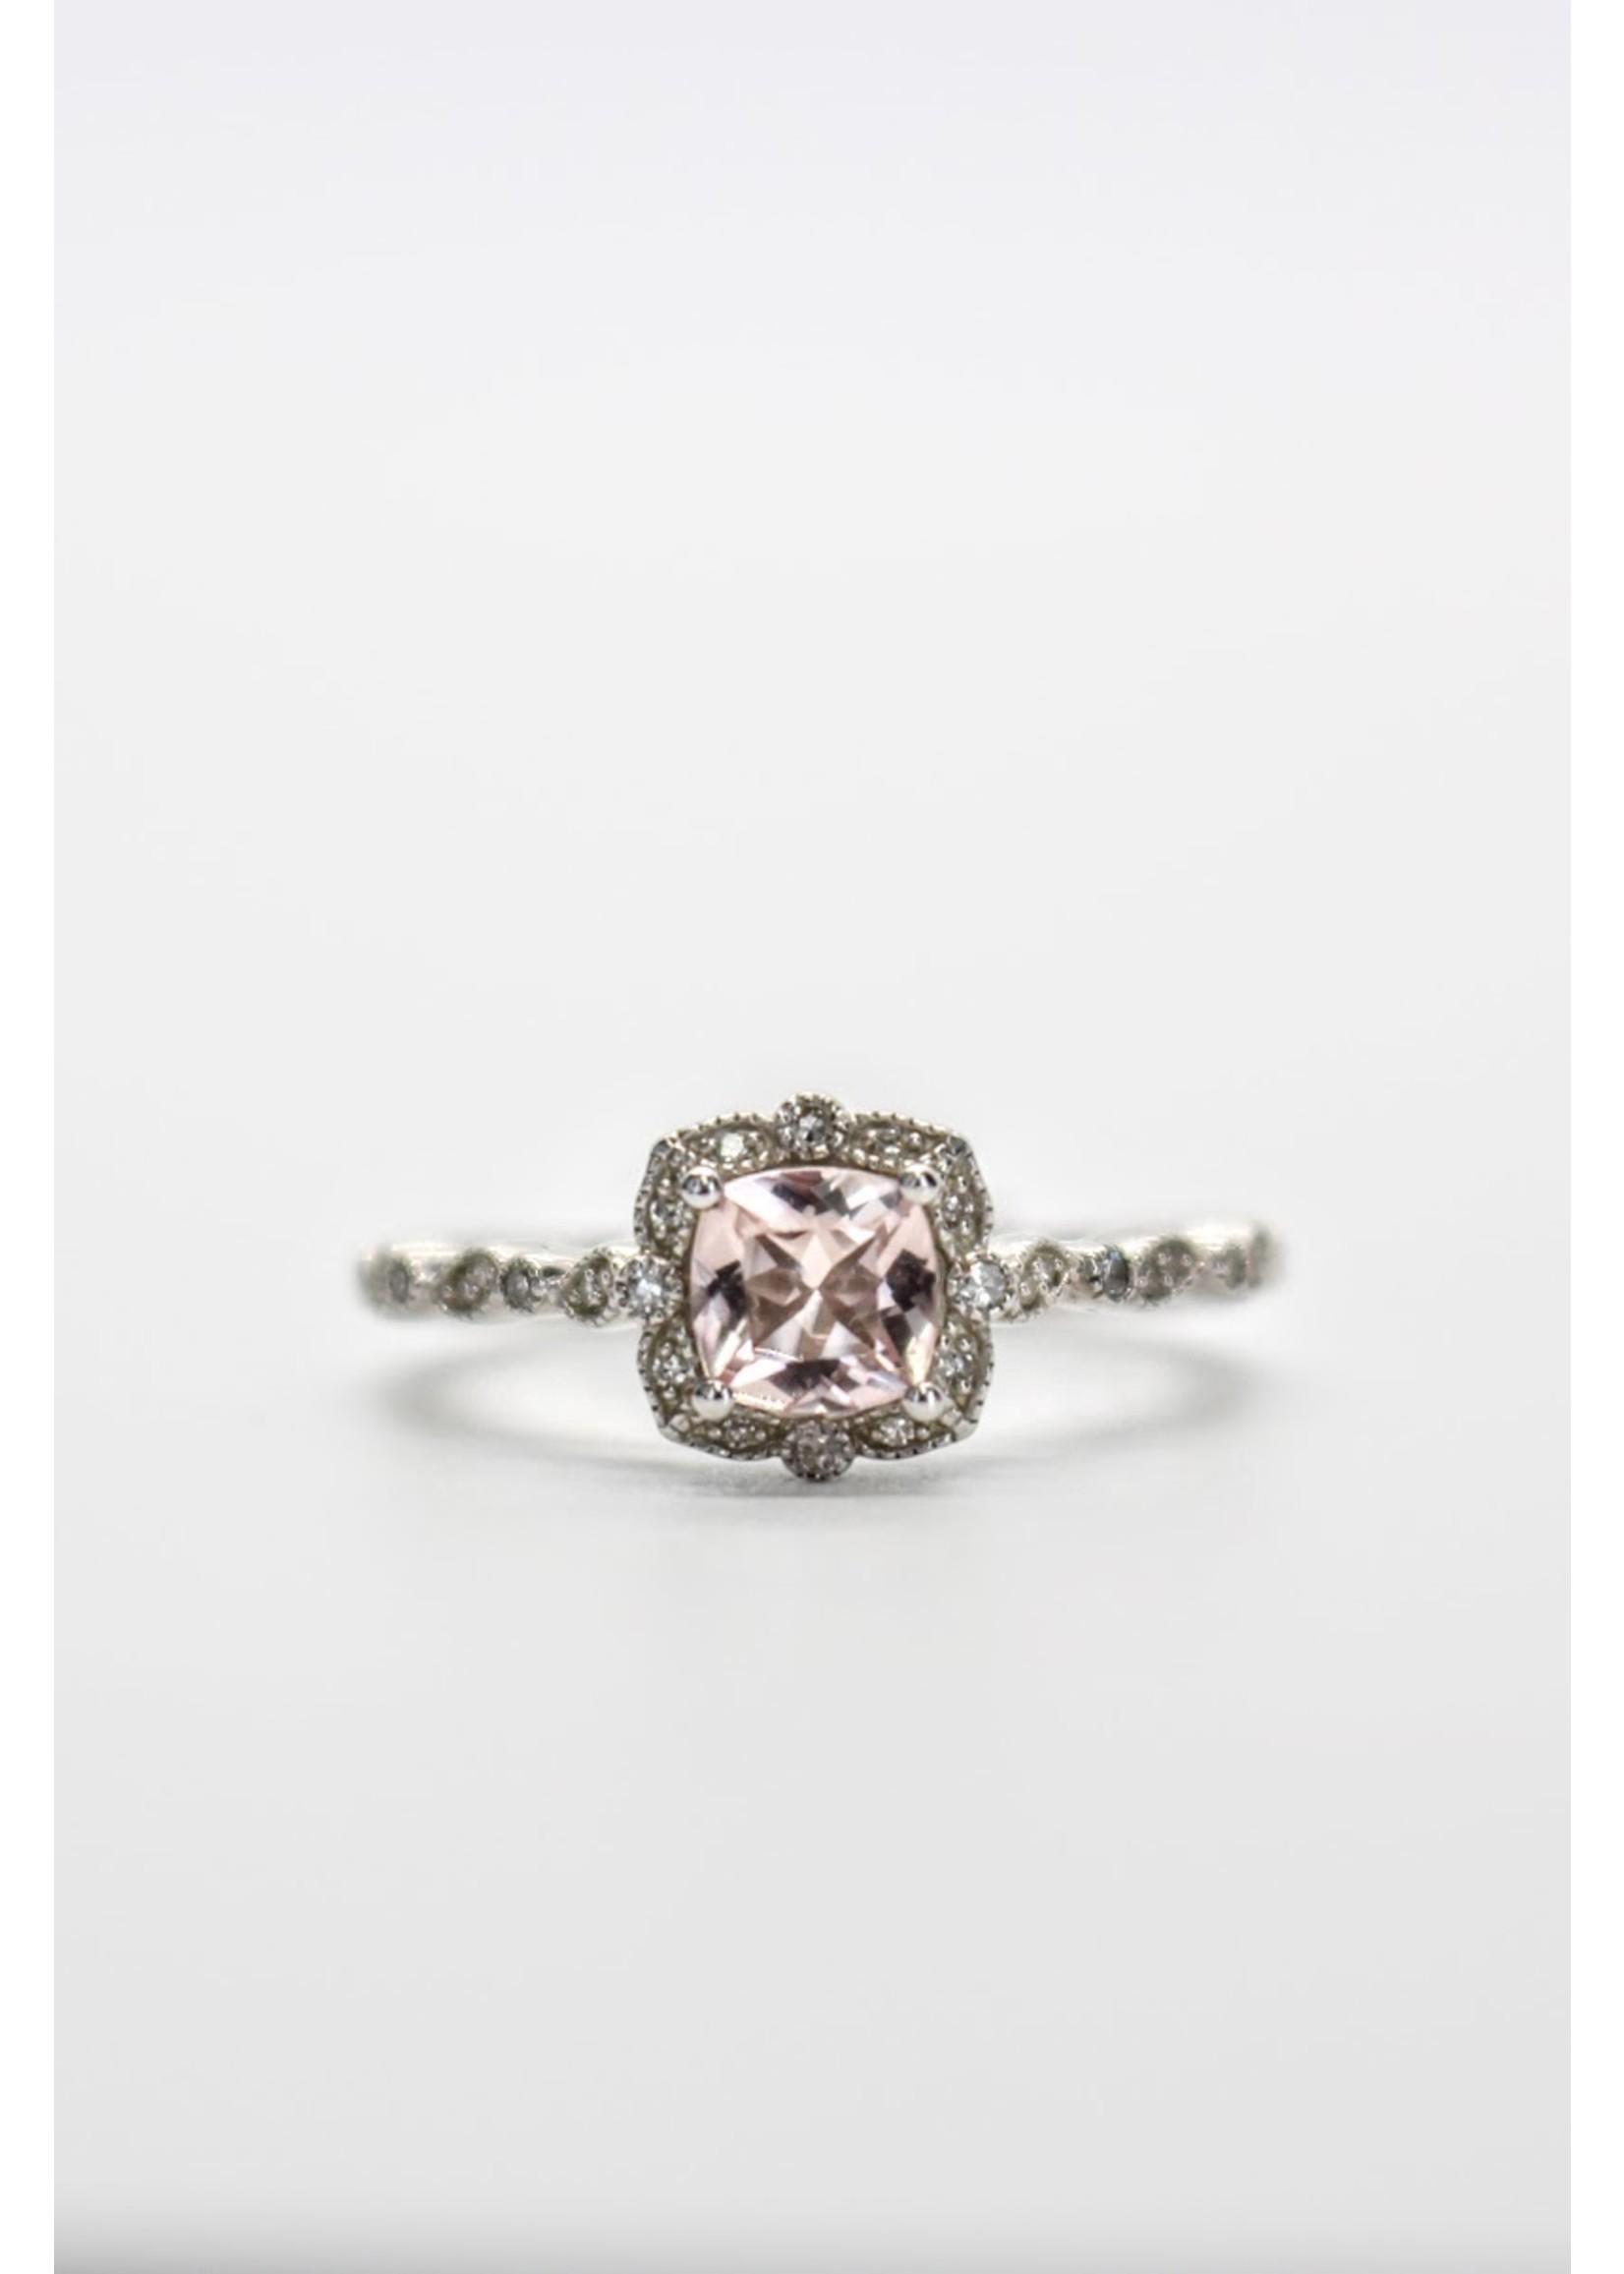 PARÉ Bague «Romantique» en Or blanc avec diamants